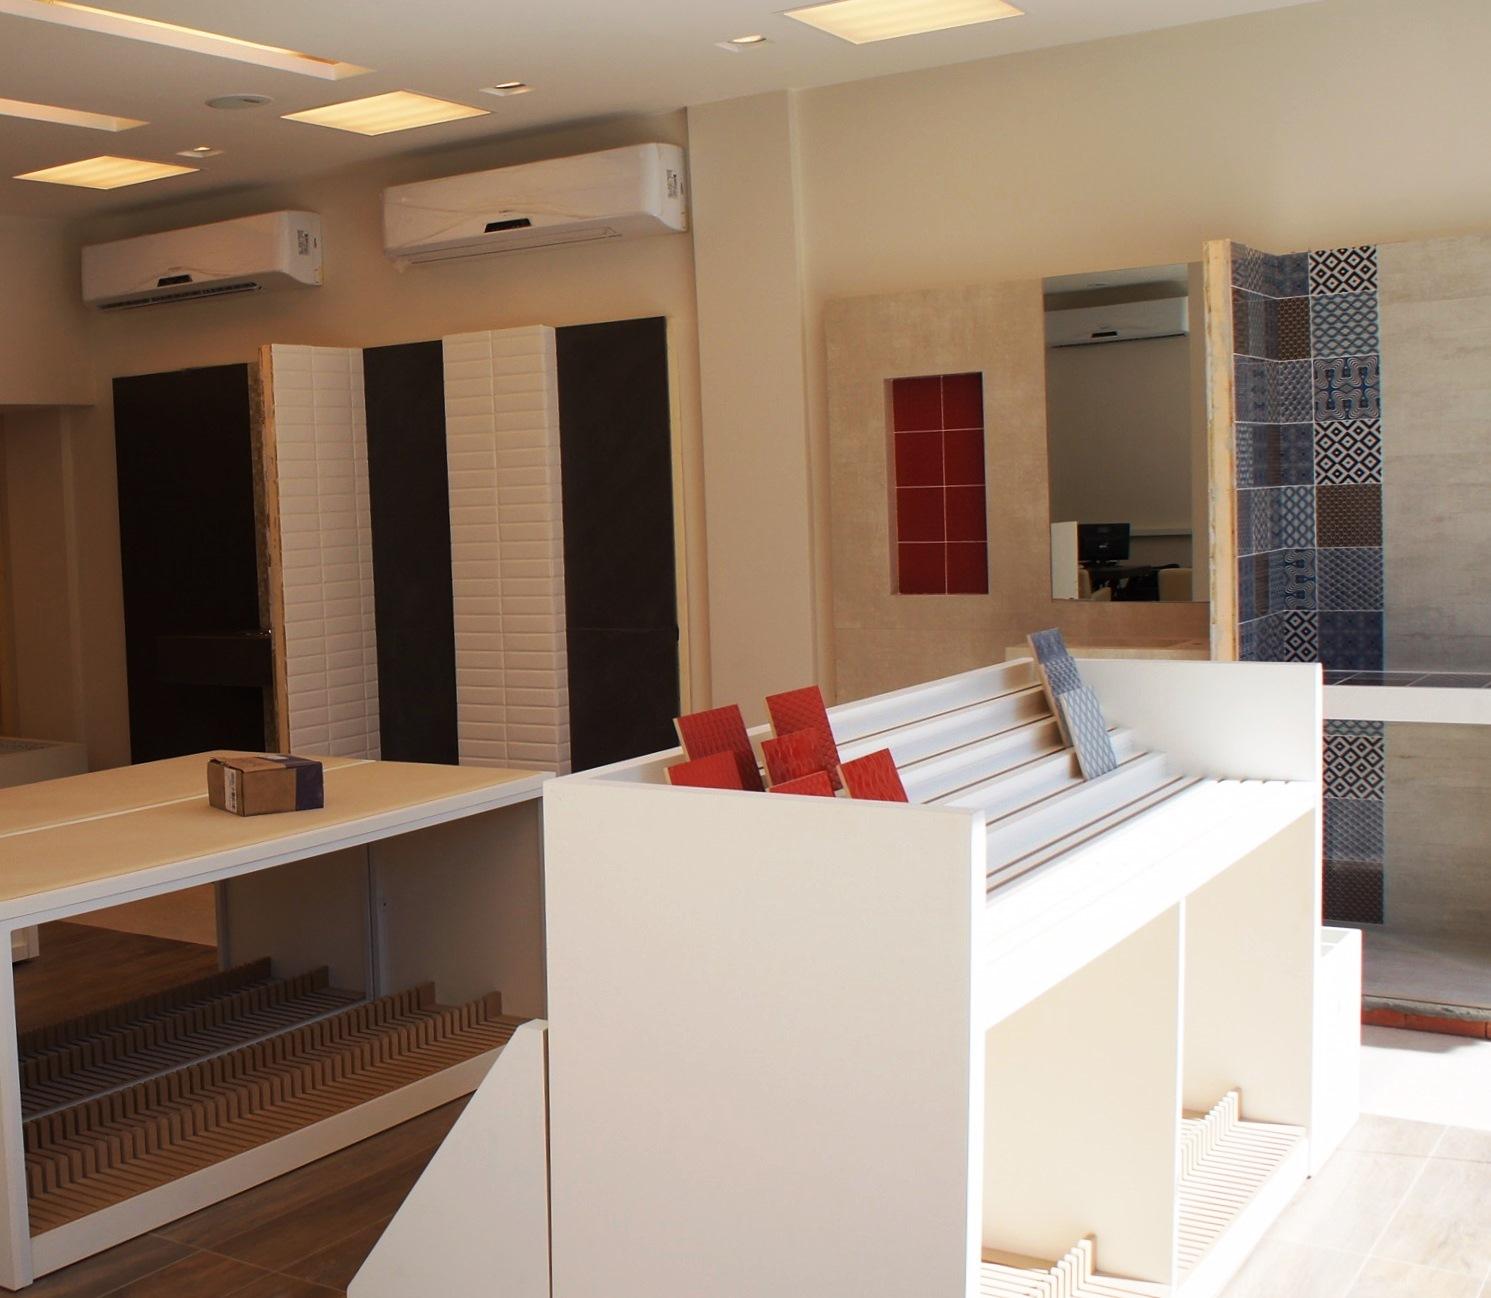 Portobello Shop inaugura nova franquia em Botafogo